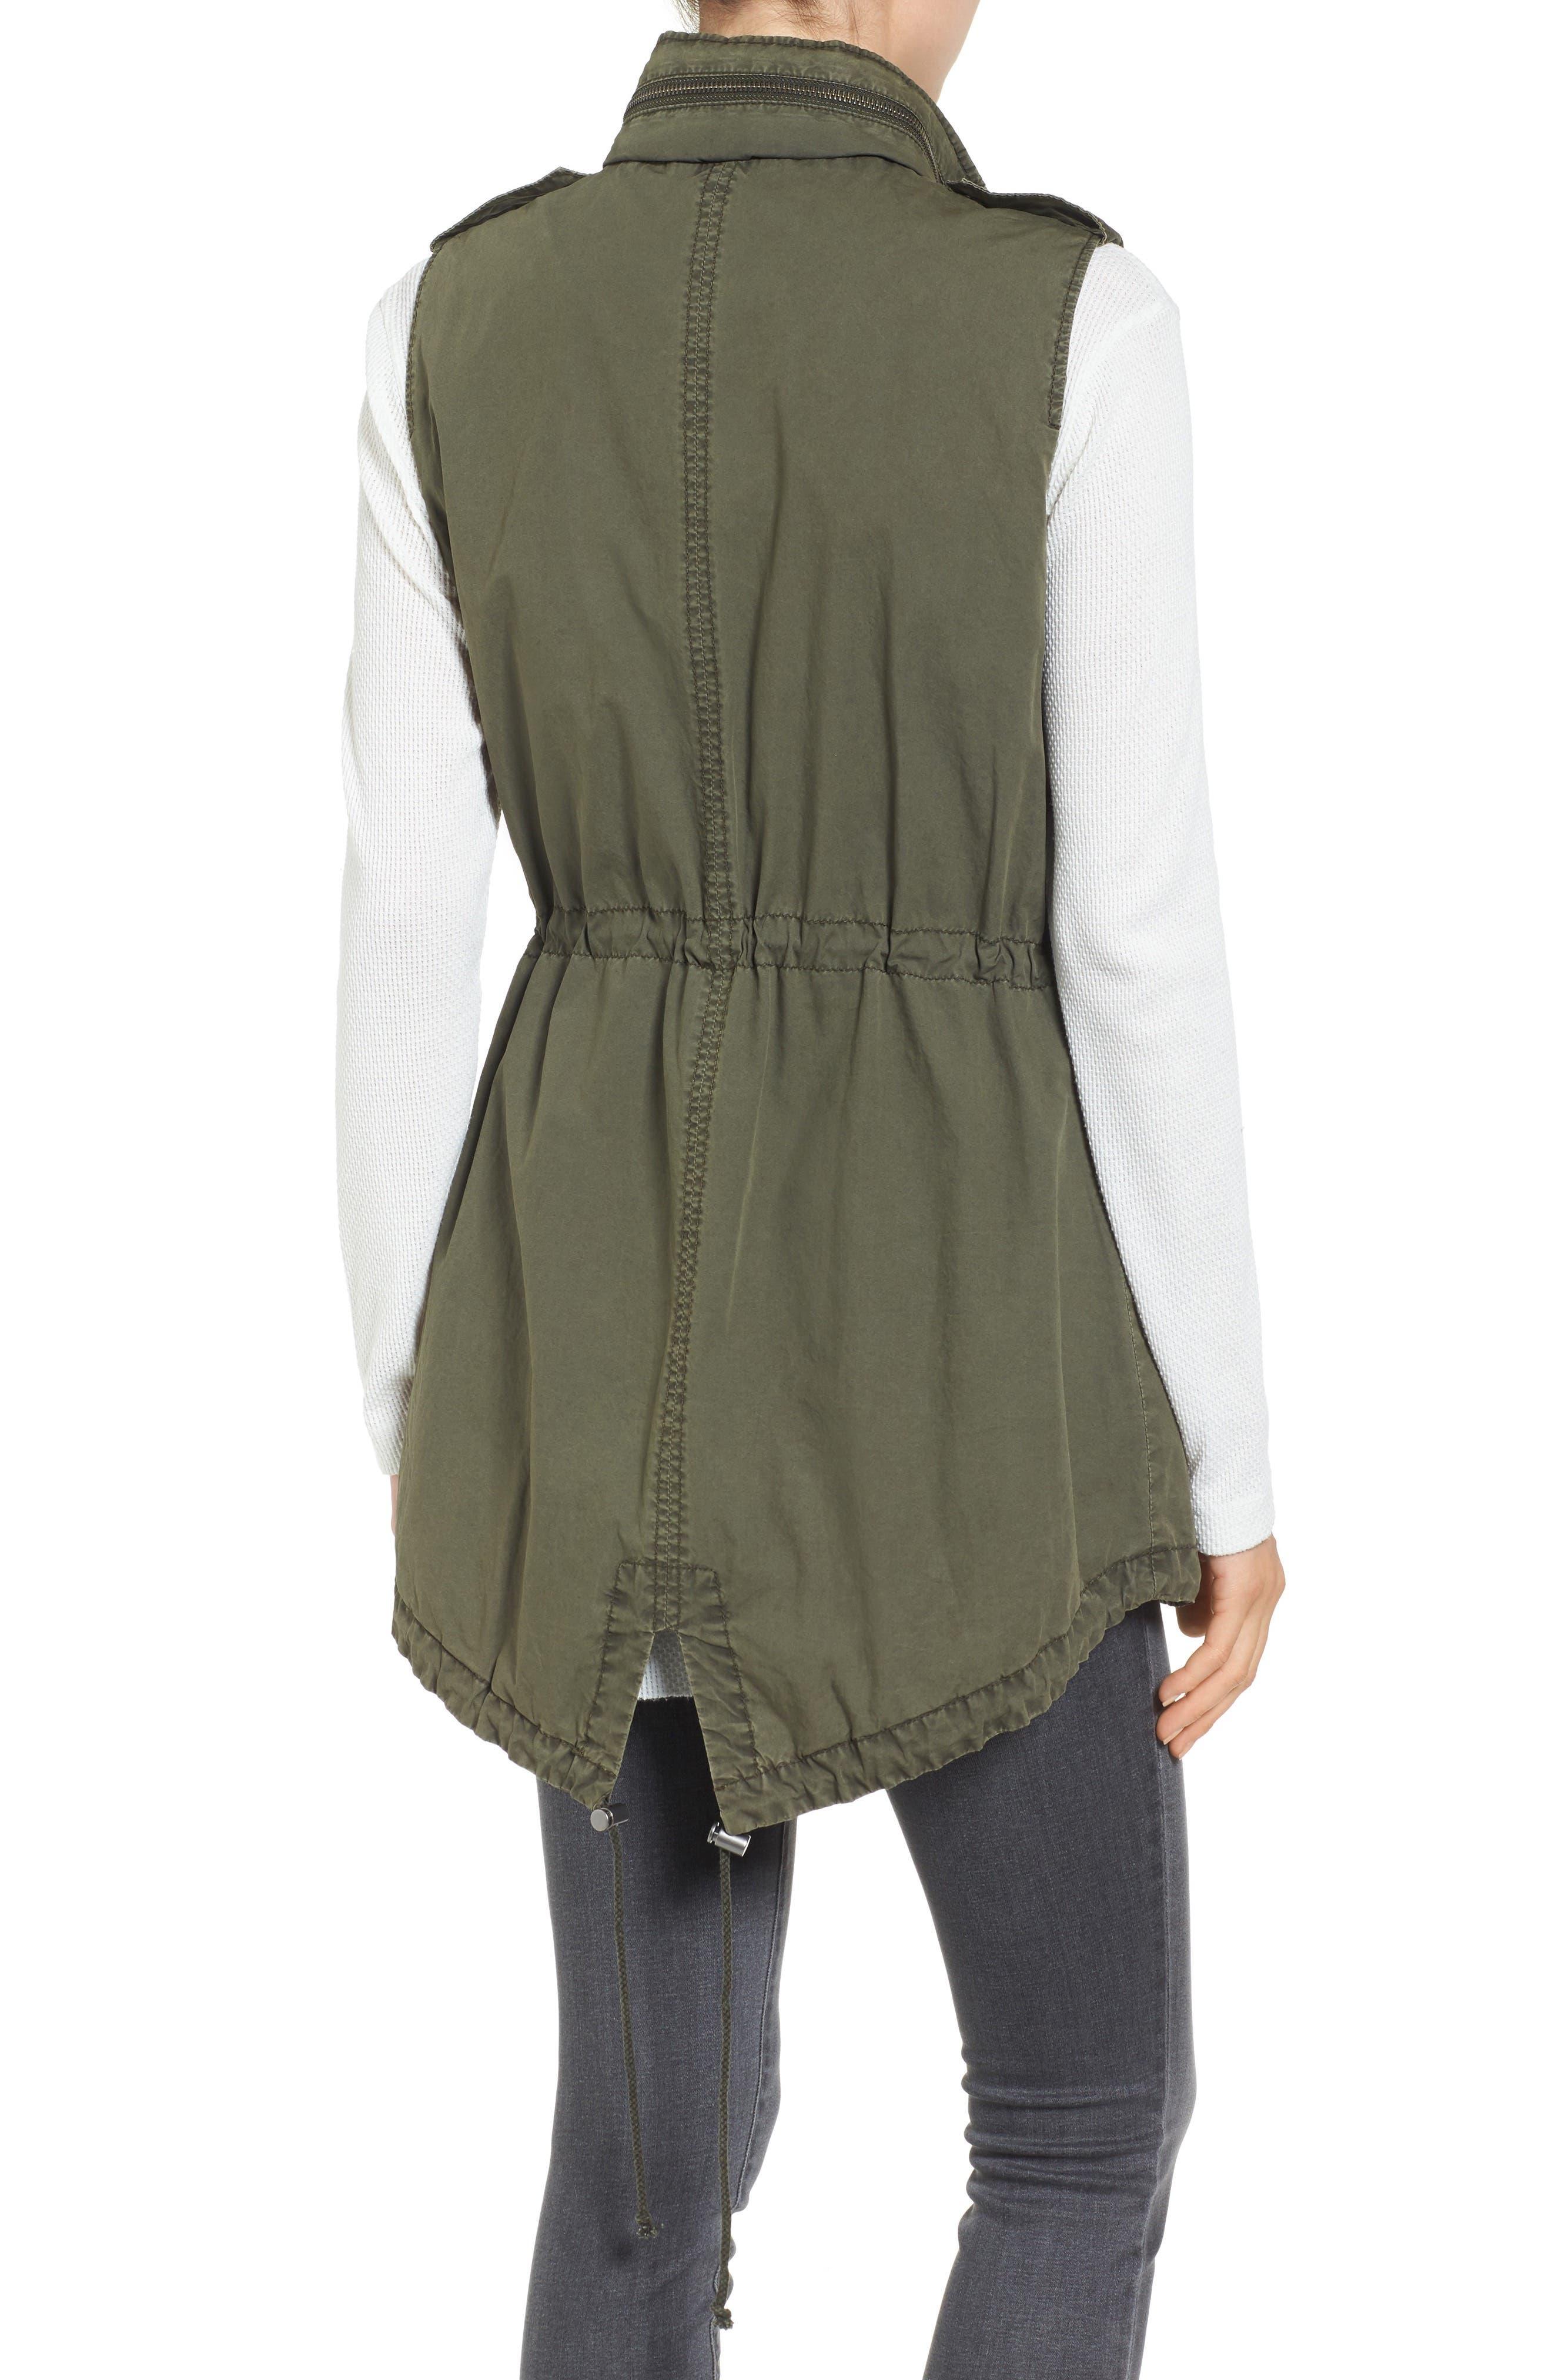 Levi's Parachute Cotton Vest,                             Alternate thumbnail 2, color,                             Army Green